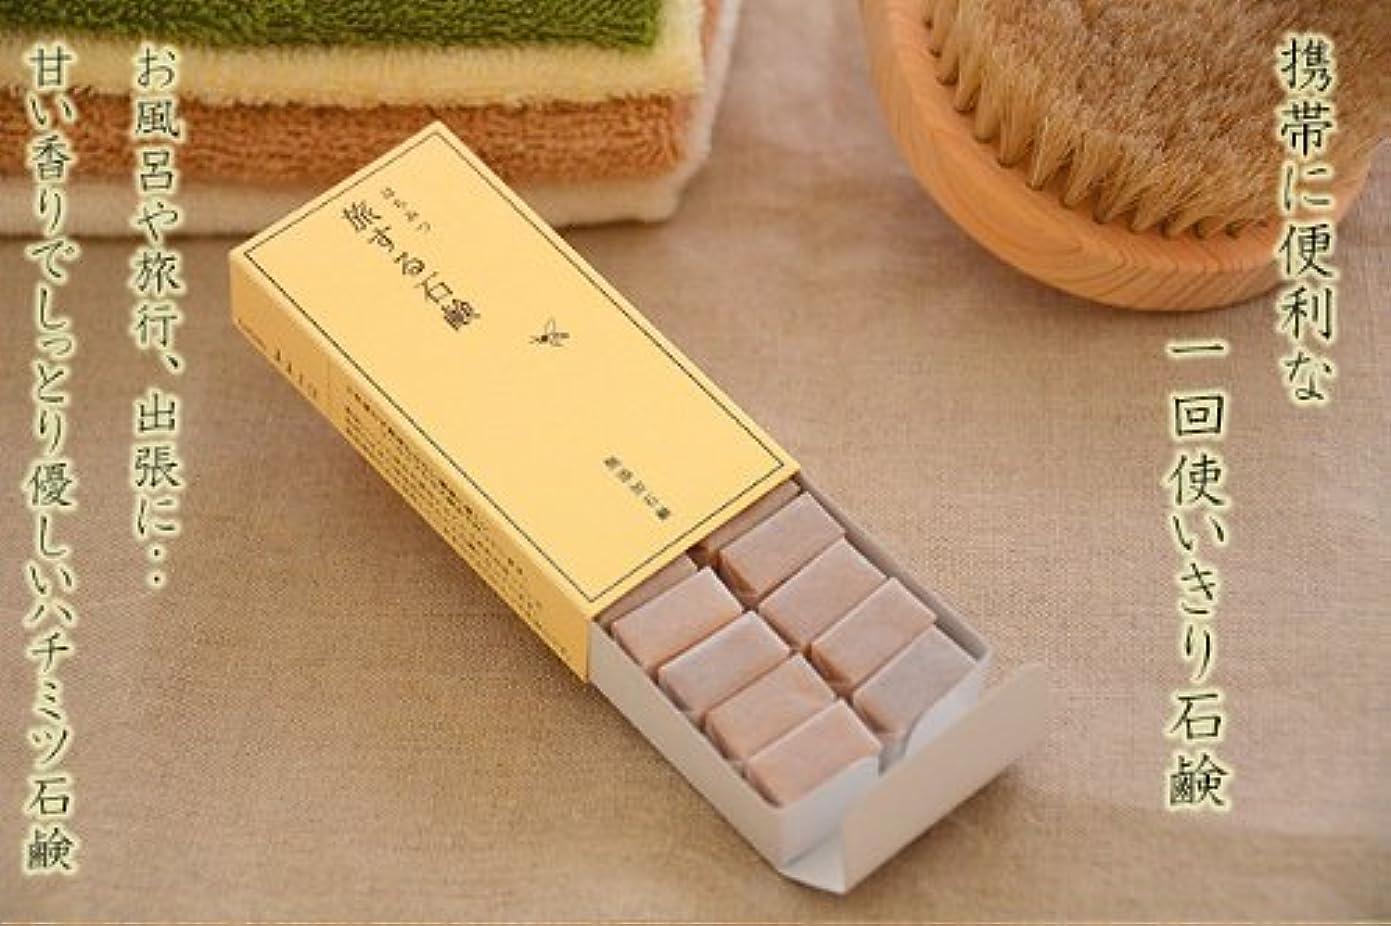 名前露出度の高いスズメバチ無添加「旅する石鹸 はちみつ」48g(16粒)